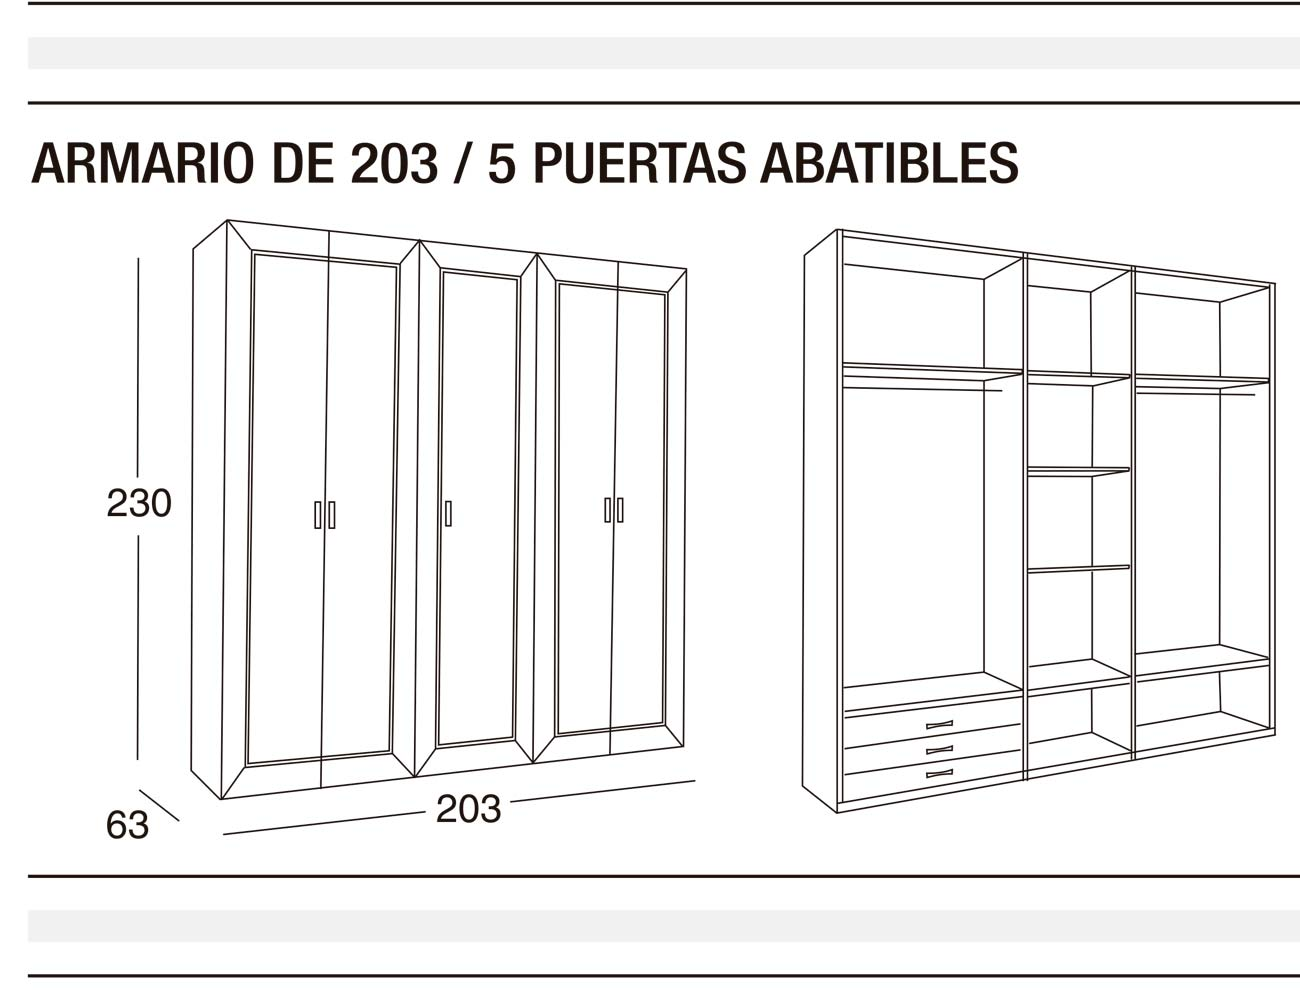 Armario 203 p abatibles